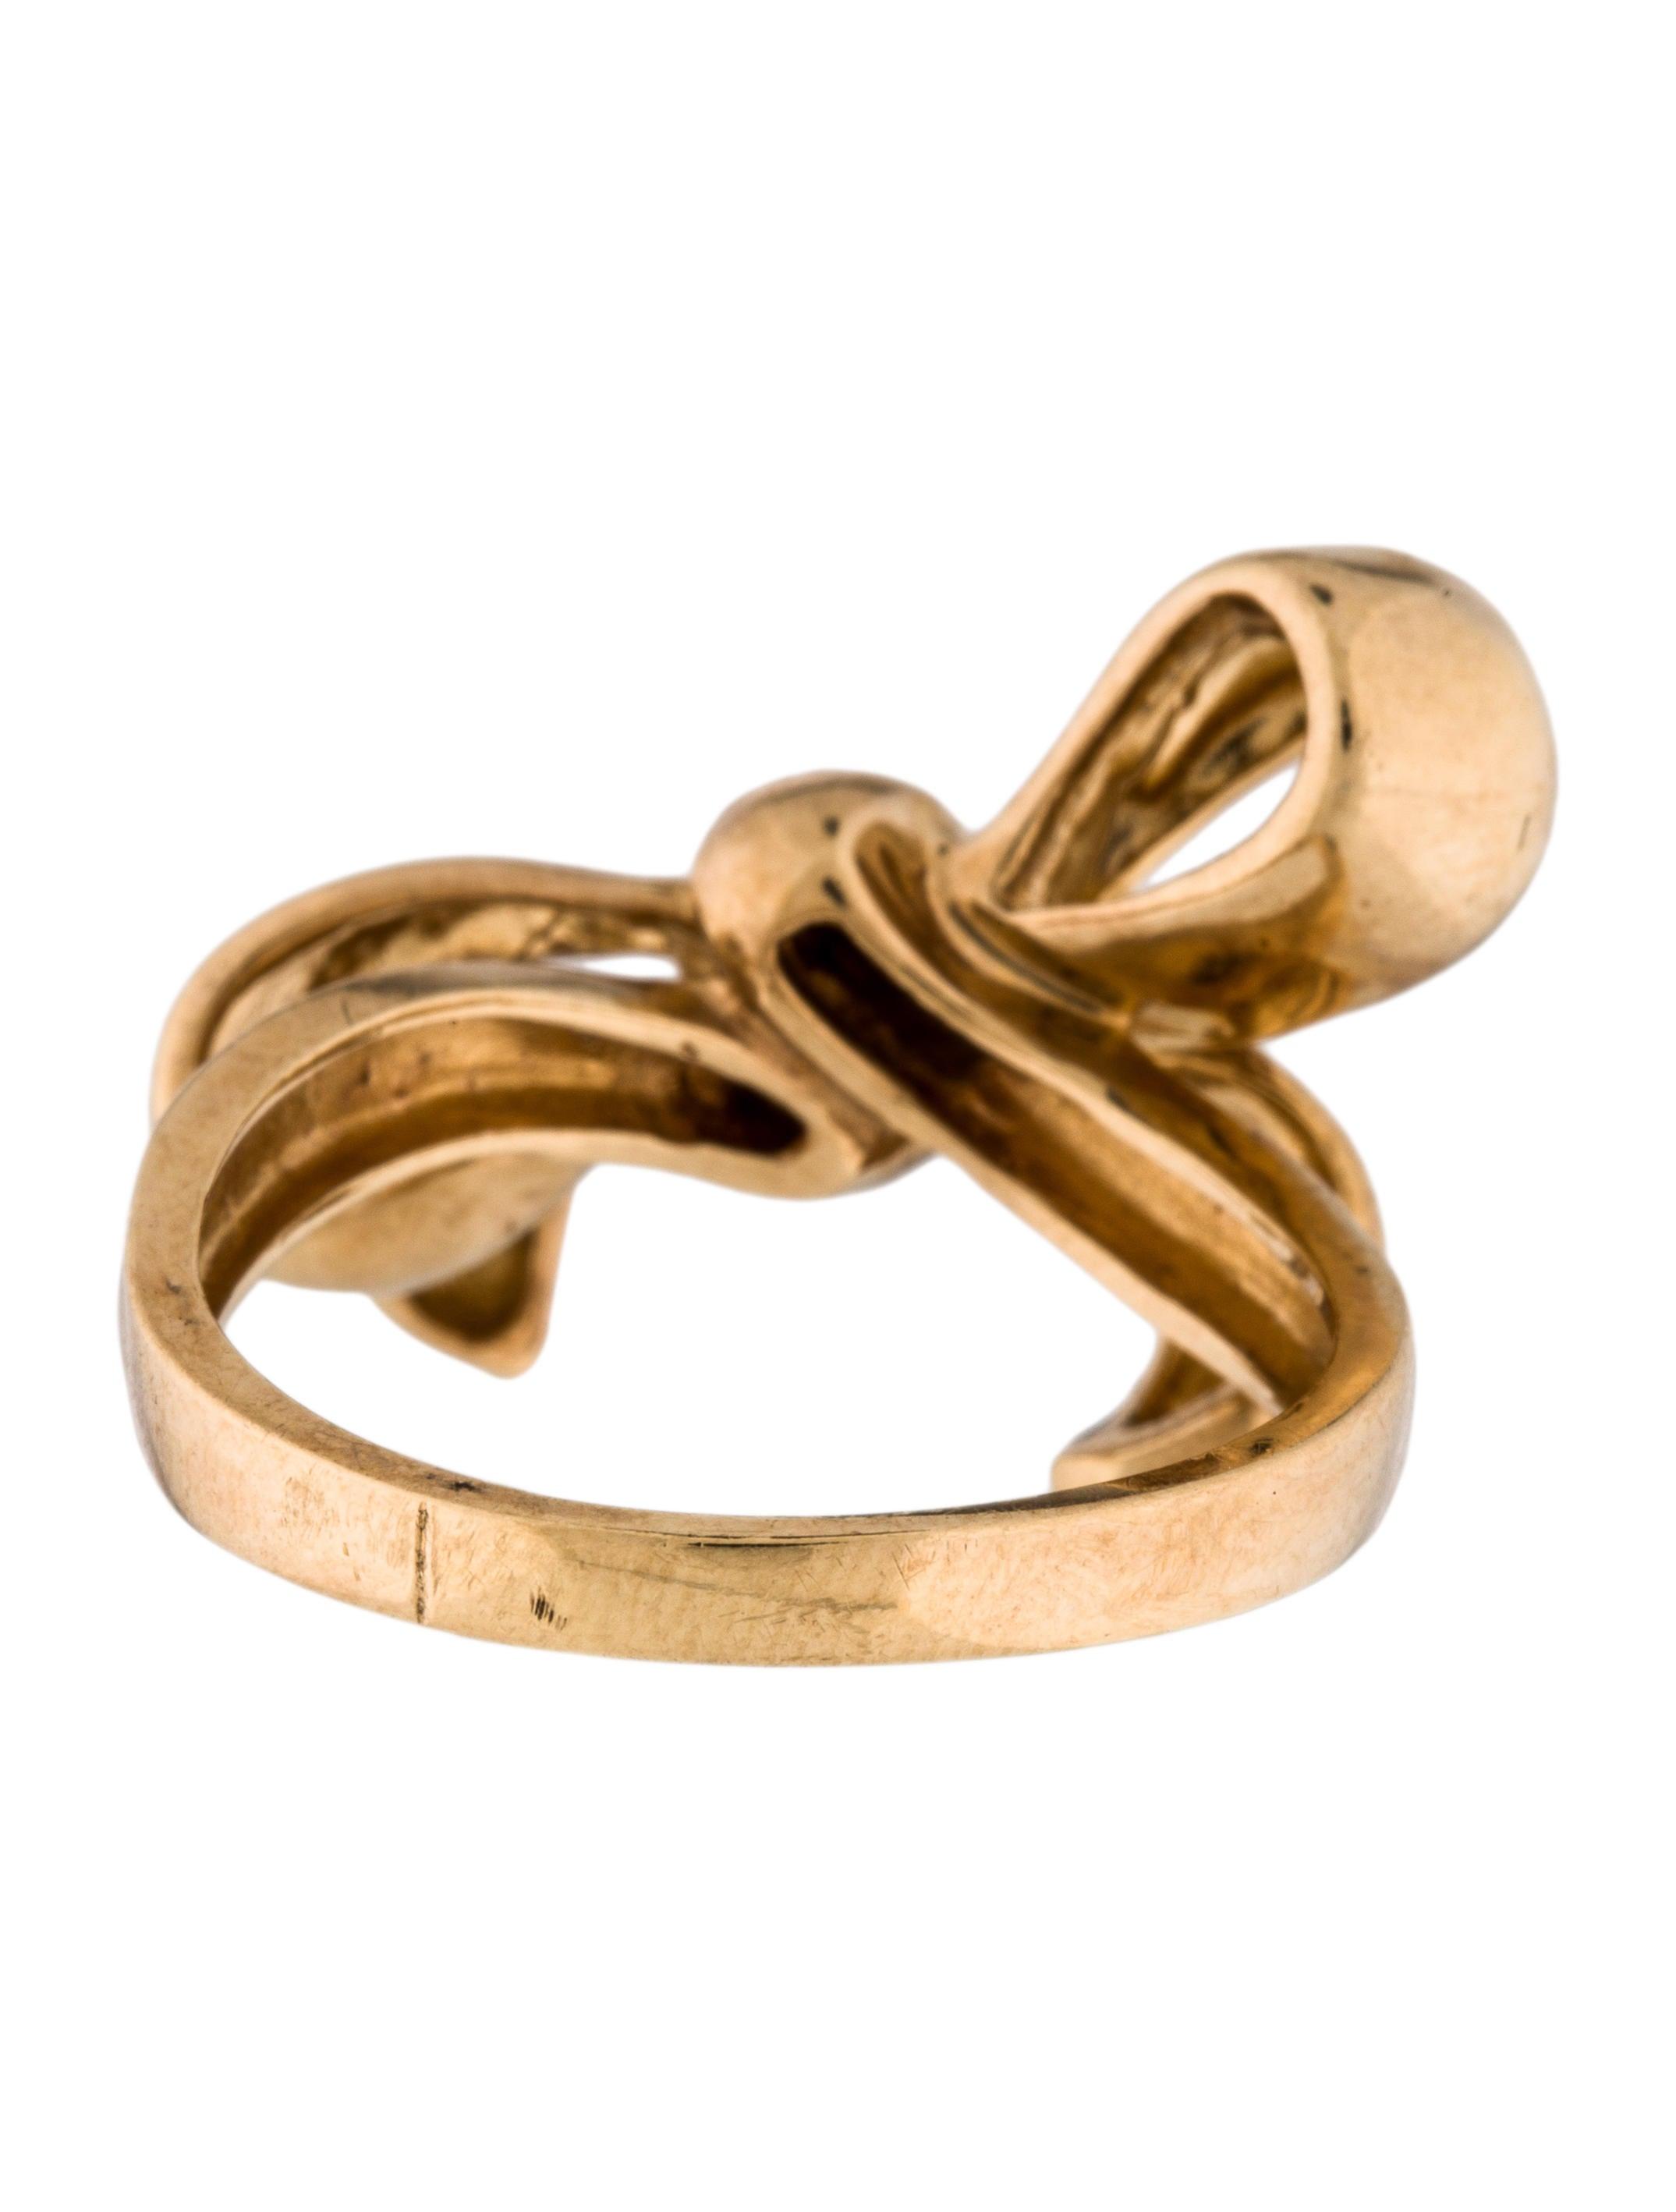 Ring Bow Il Gioiello Personalizzabile Con La Tua Nailart: 14K Bow Ring - Rings - RRING35867